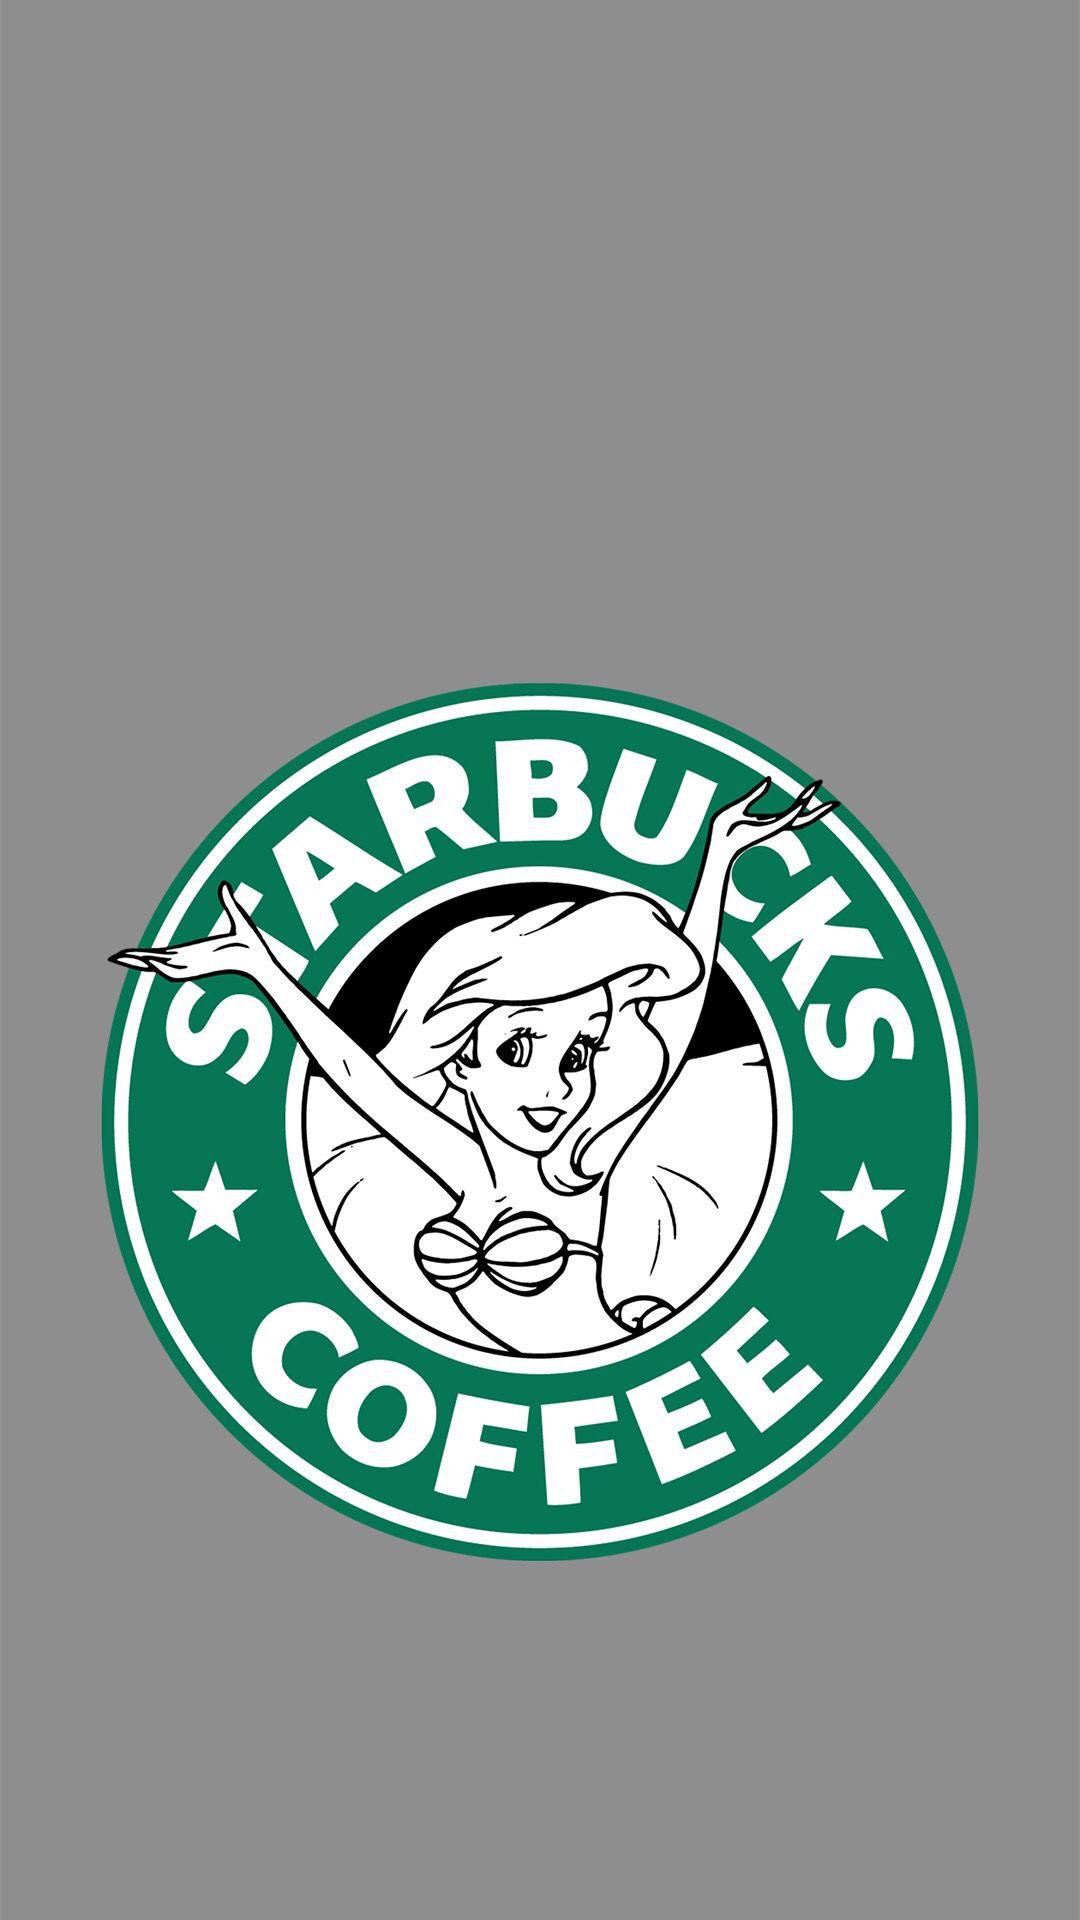 Starbucks Disney アリエル 壁紙 Iphone 壁紙 ディズニー